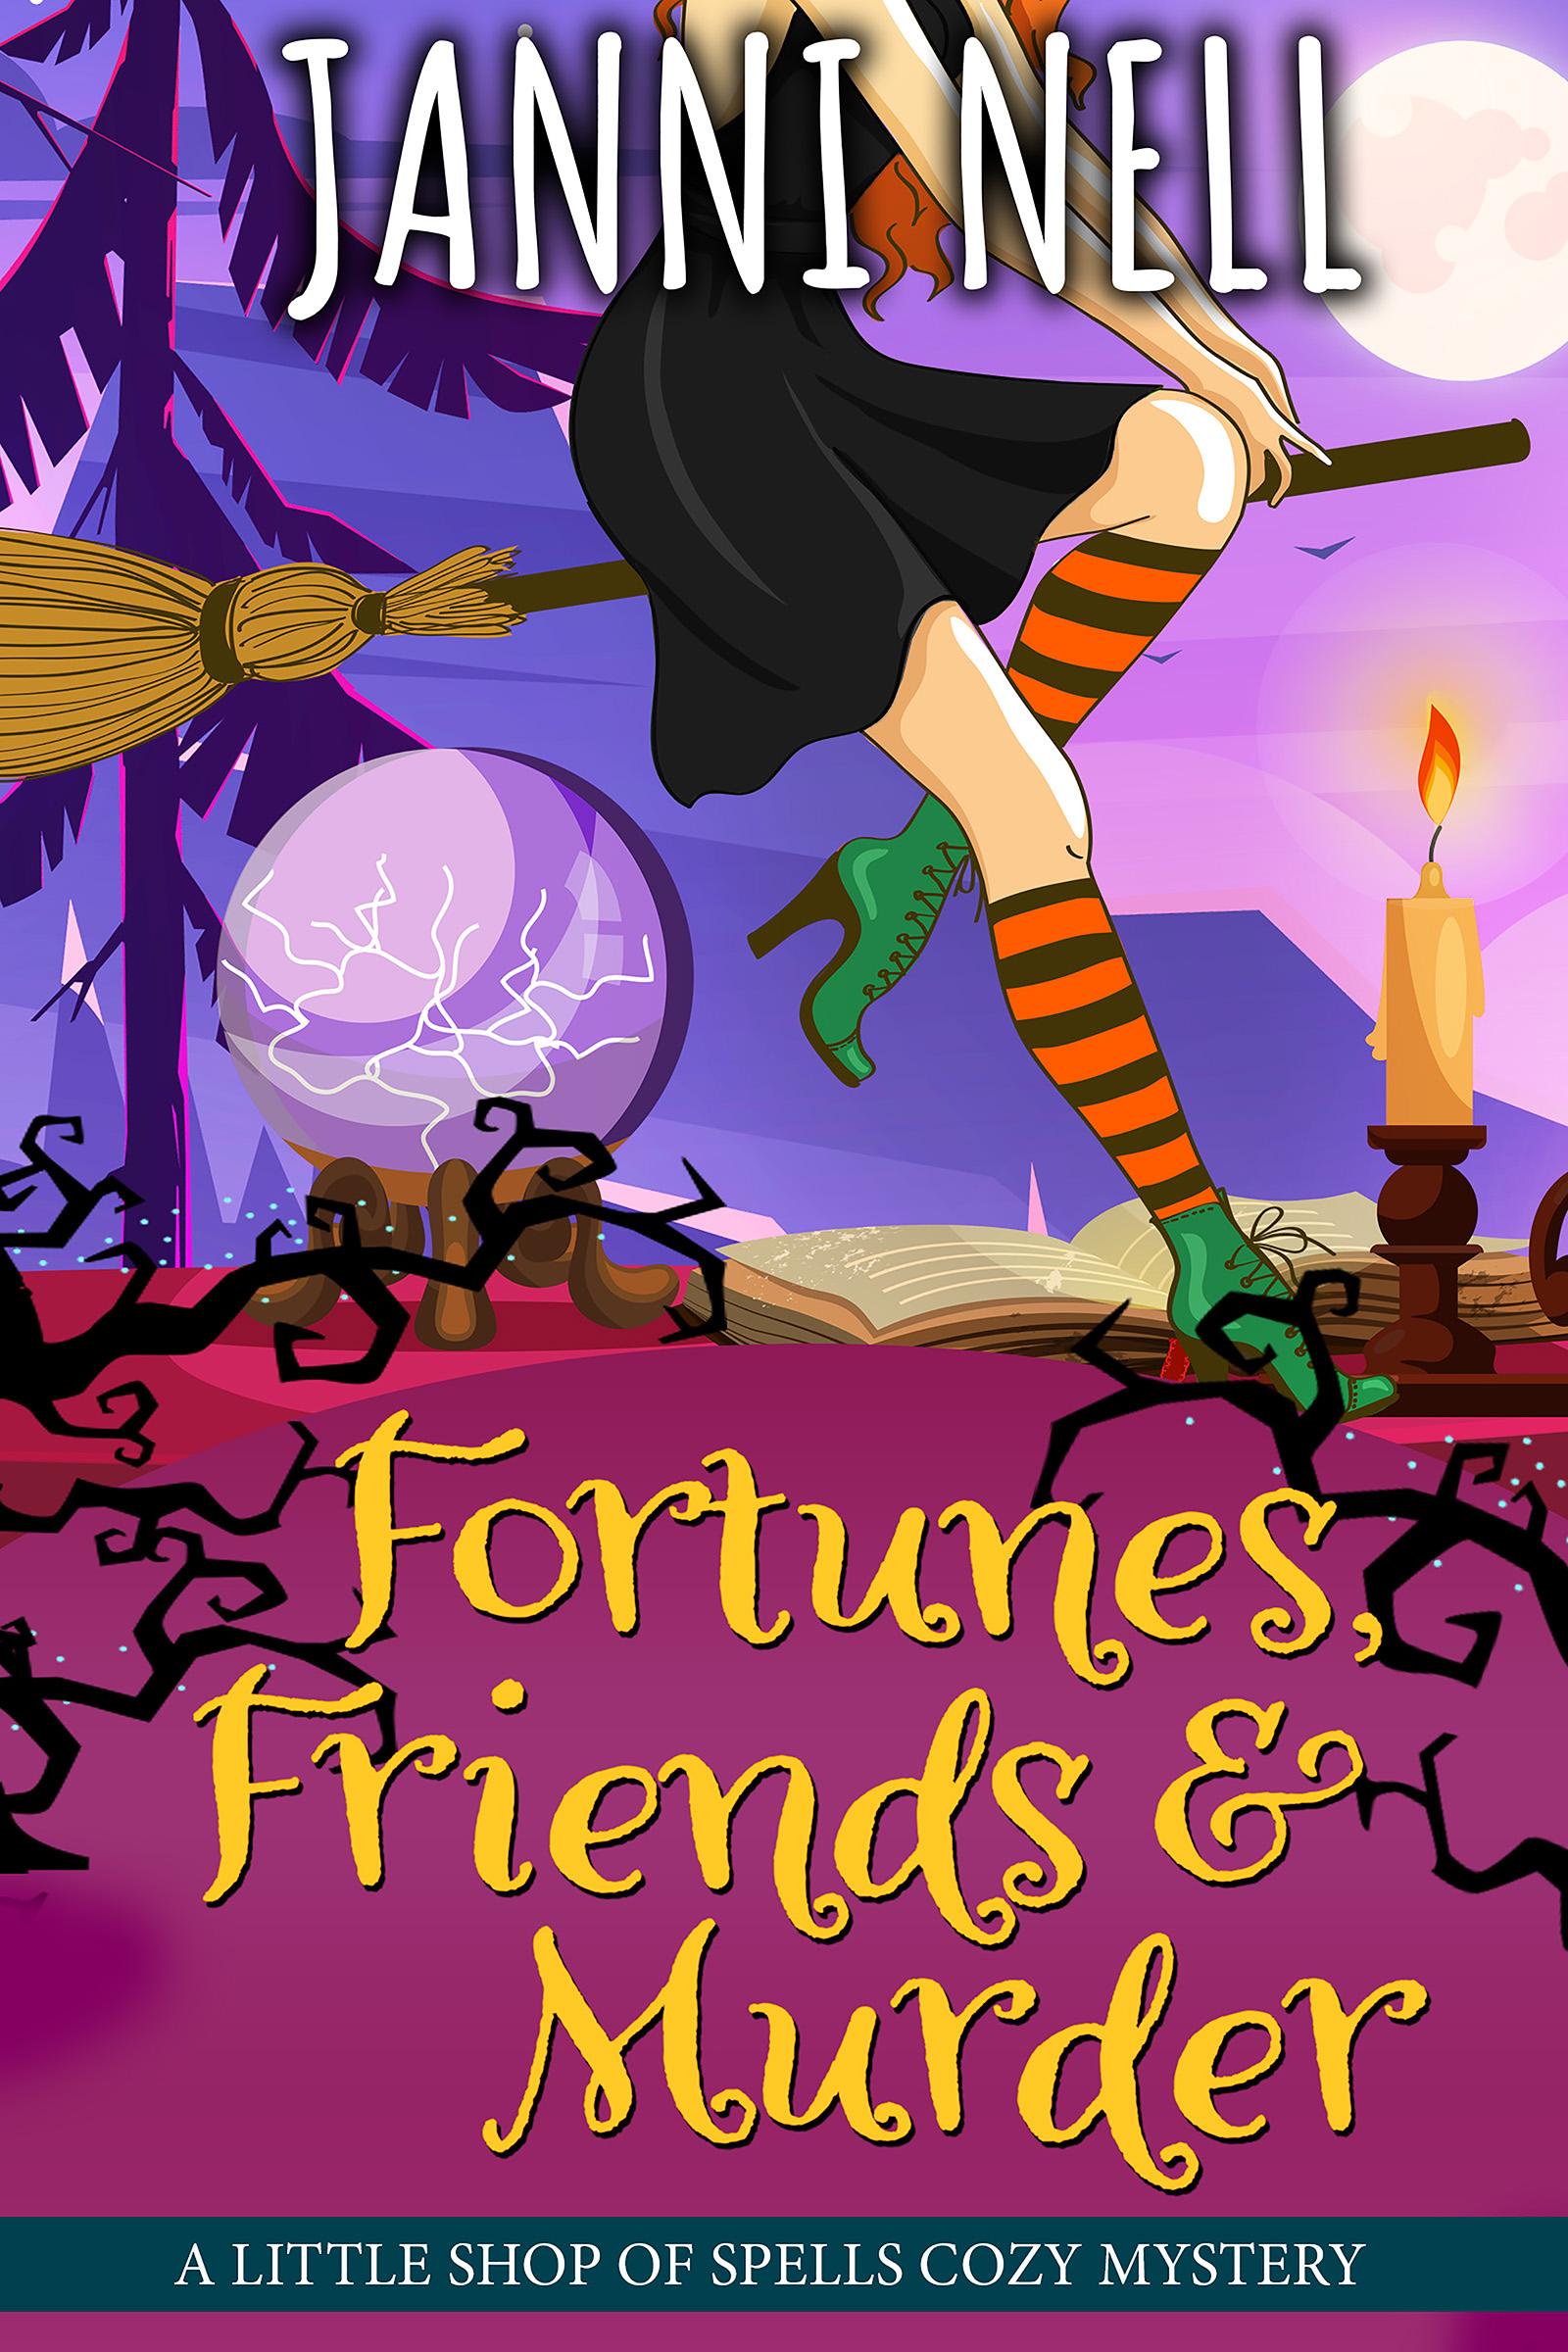 Fortunes, Friends & Murder